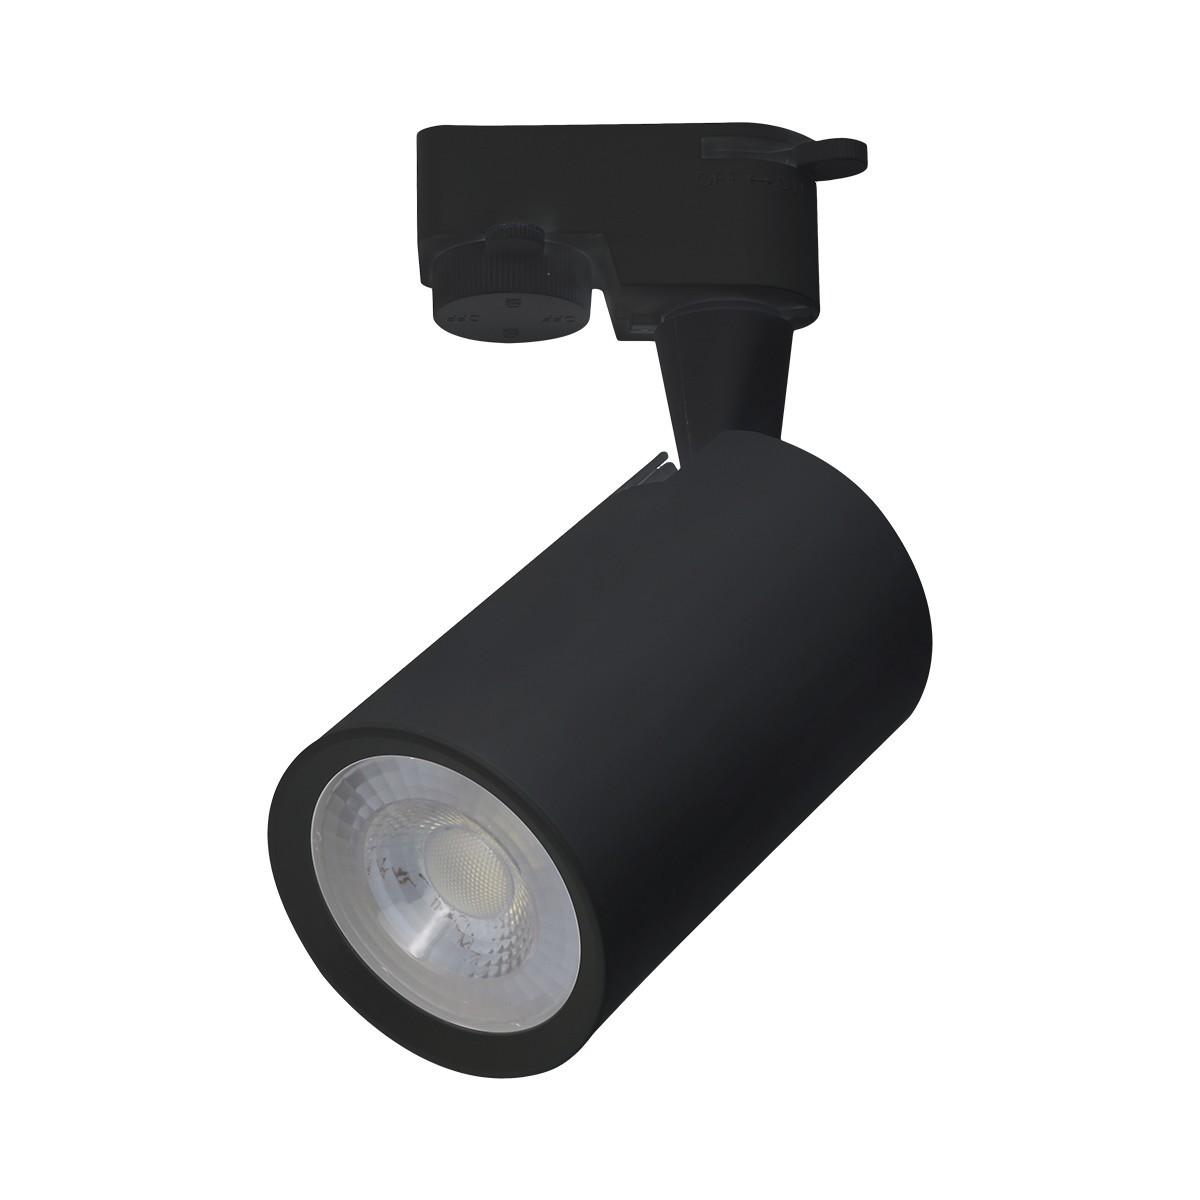 Spot LED Preto Aluminio 5W Bivolt Luz Branca - Luminatti